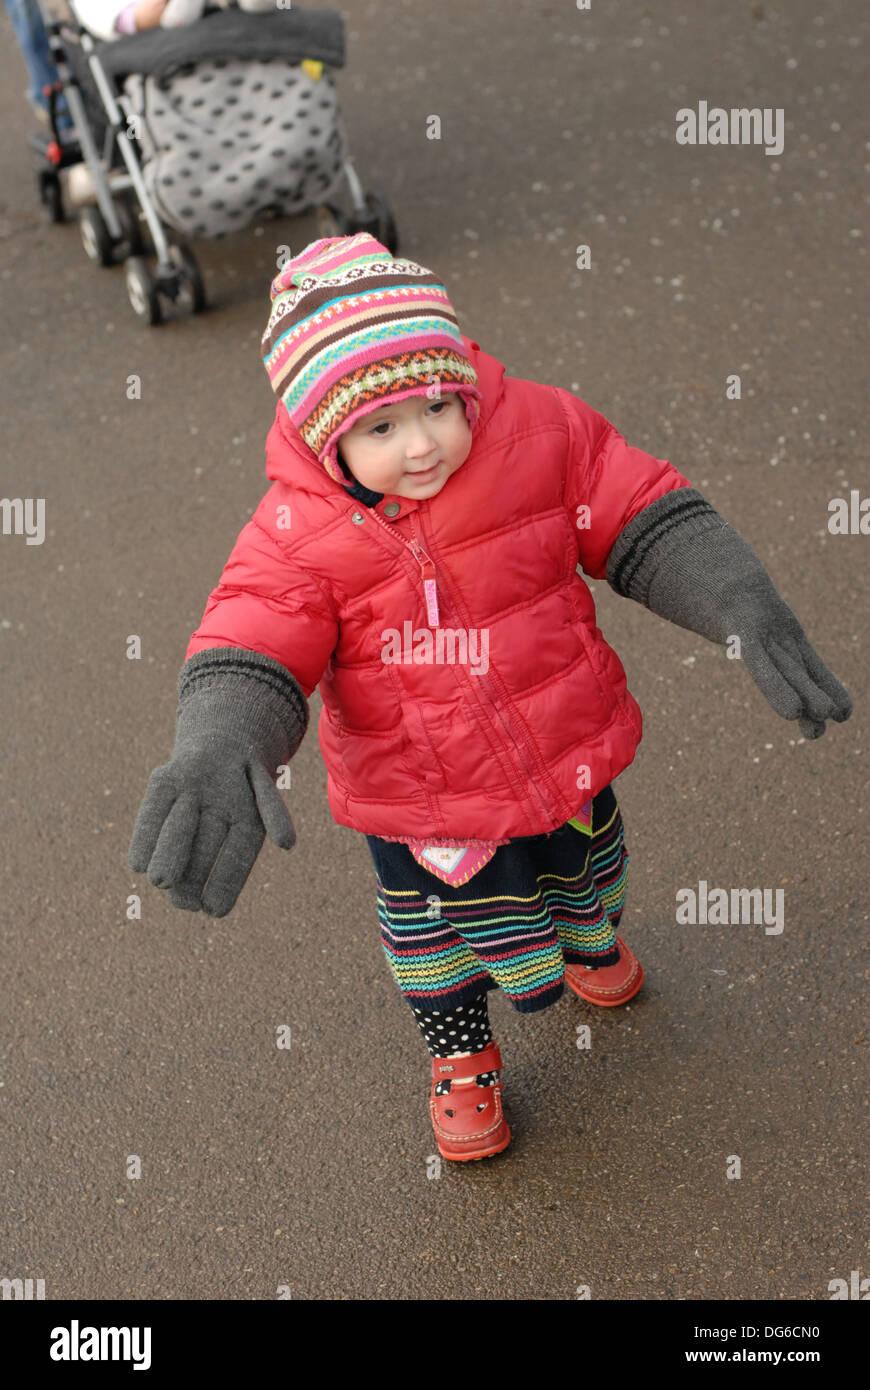 Toddler walking wearing adult gloves - Stock Image